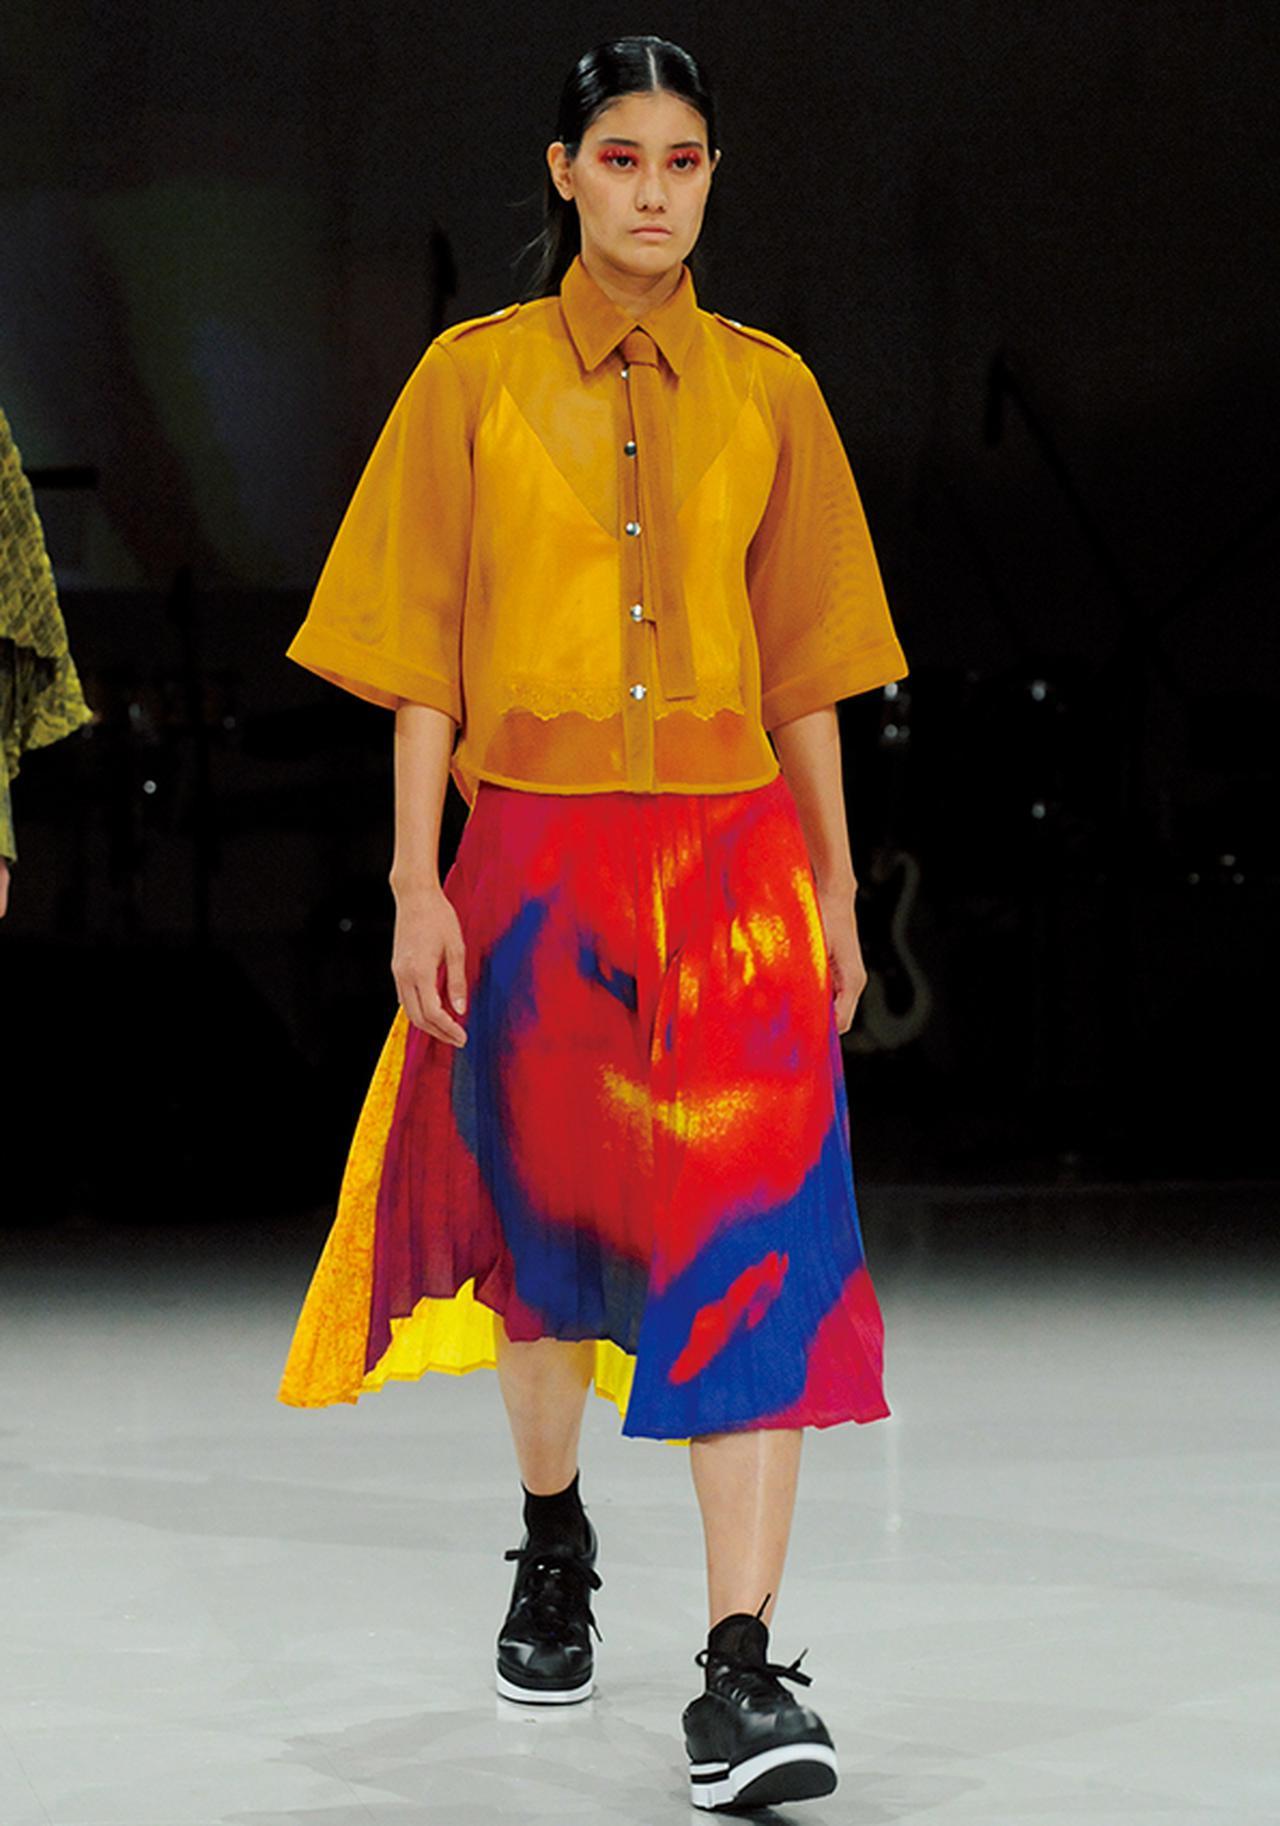 Images : 3番目の画像 - 「栗野宏文が考察する ファッションがアフリカに見る 未来の可能性」のアルバム - T JAPAN:The New York Times Style Magazine 公式サイト